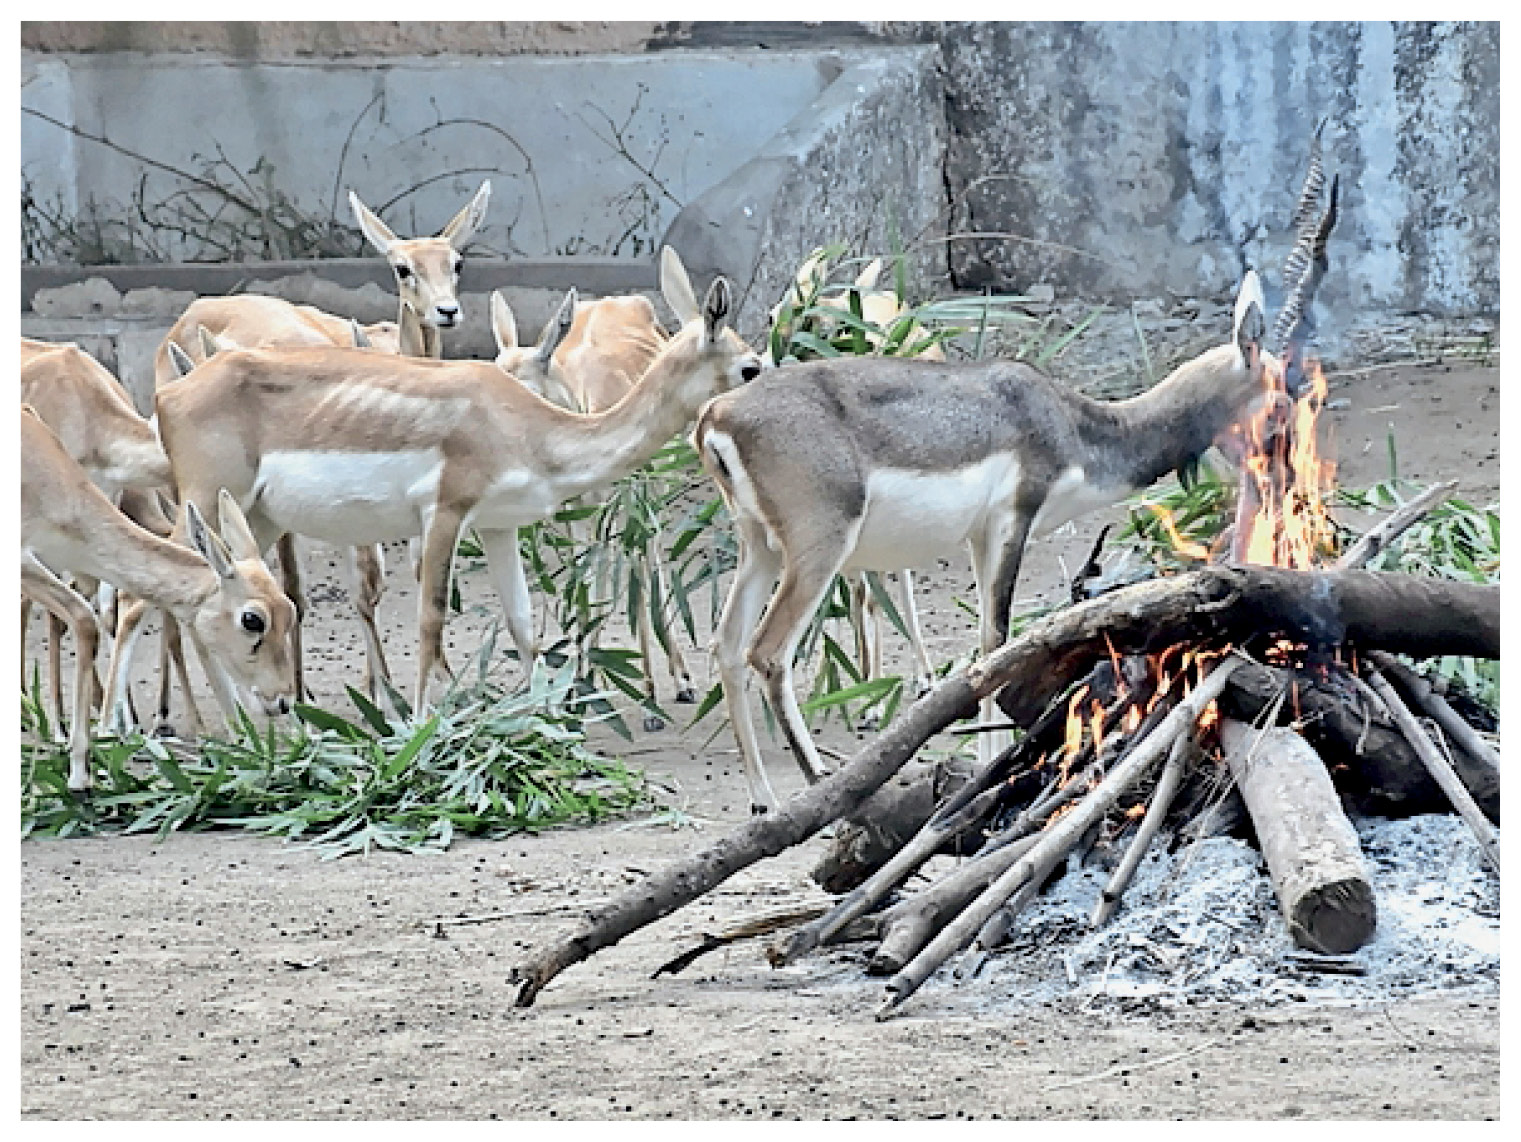 सरथाणा जू में जानवरों को ठंड से बचाने के लिए आग जलाई गई।